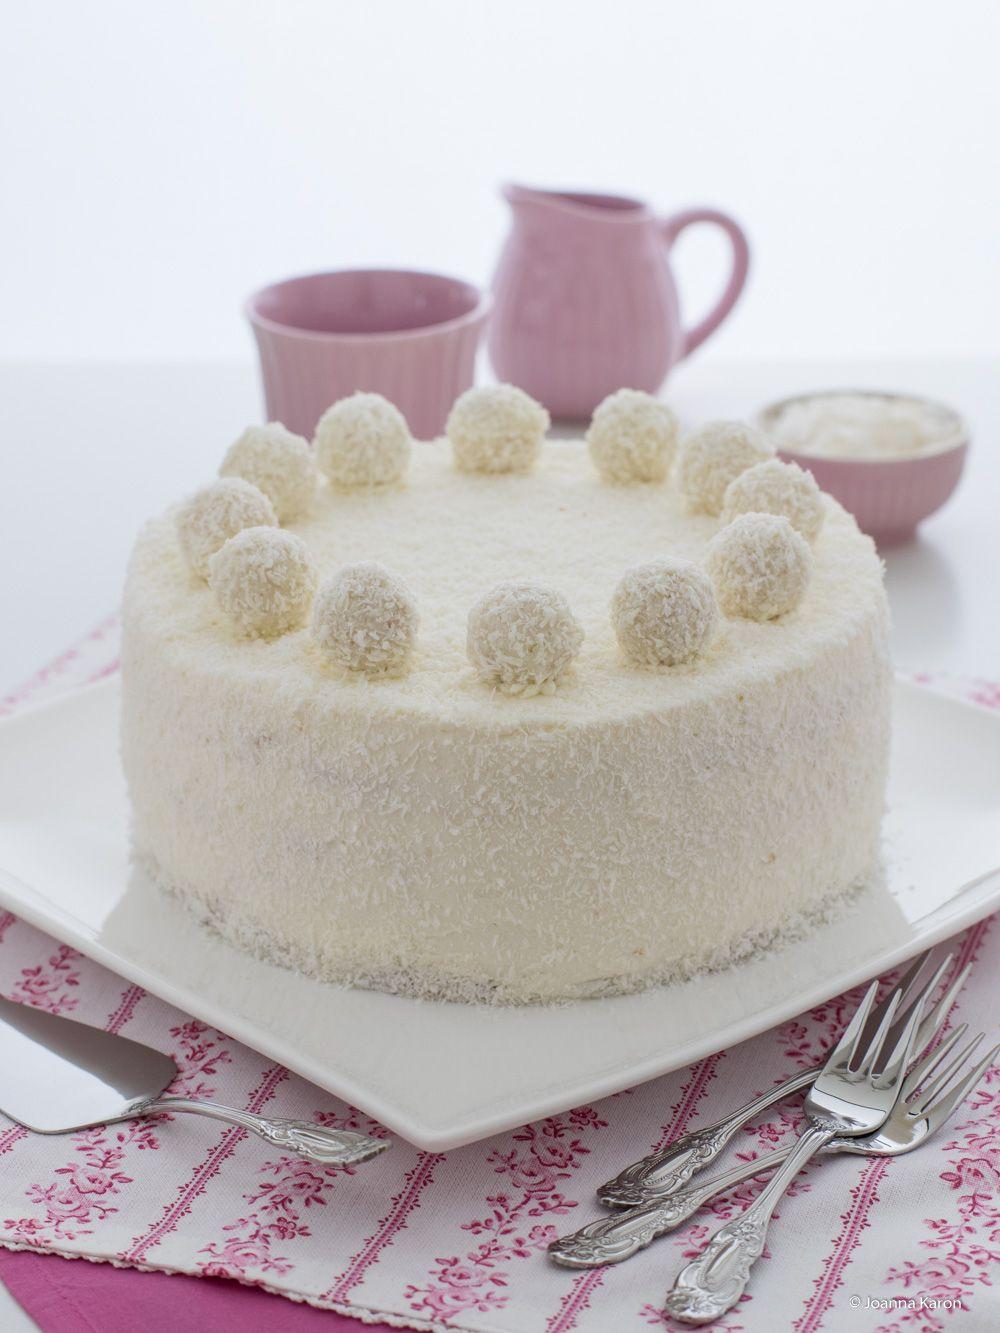 Ein Weisser Traum Von Kokos Und Ananas Vereint In Einer Torte Ananas Torte Dessert Ideen Kuchen Ideen